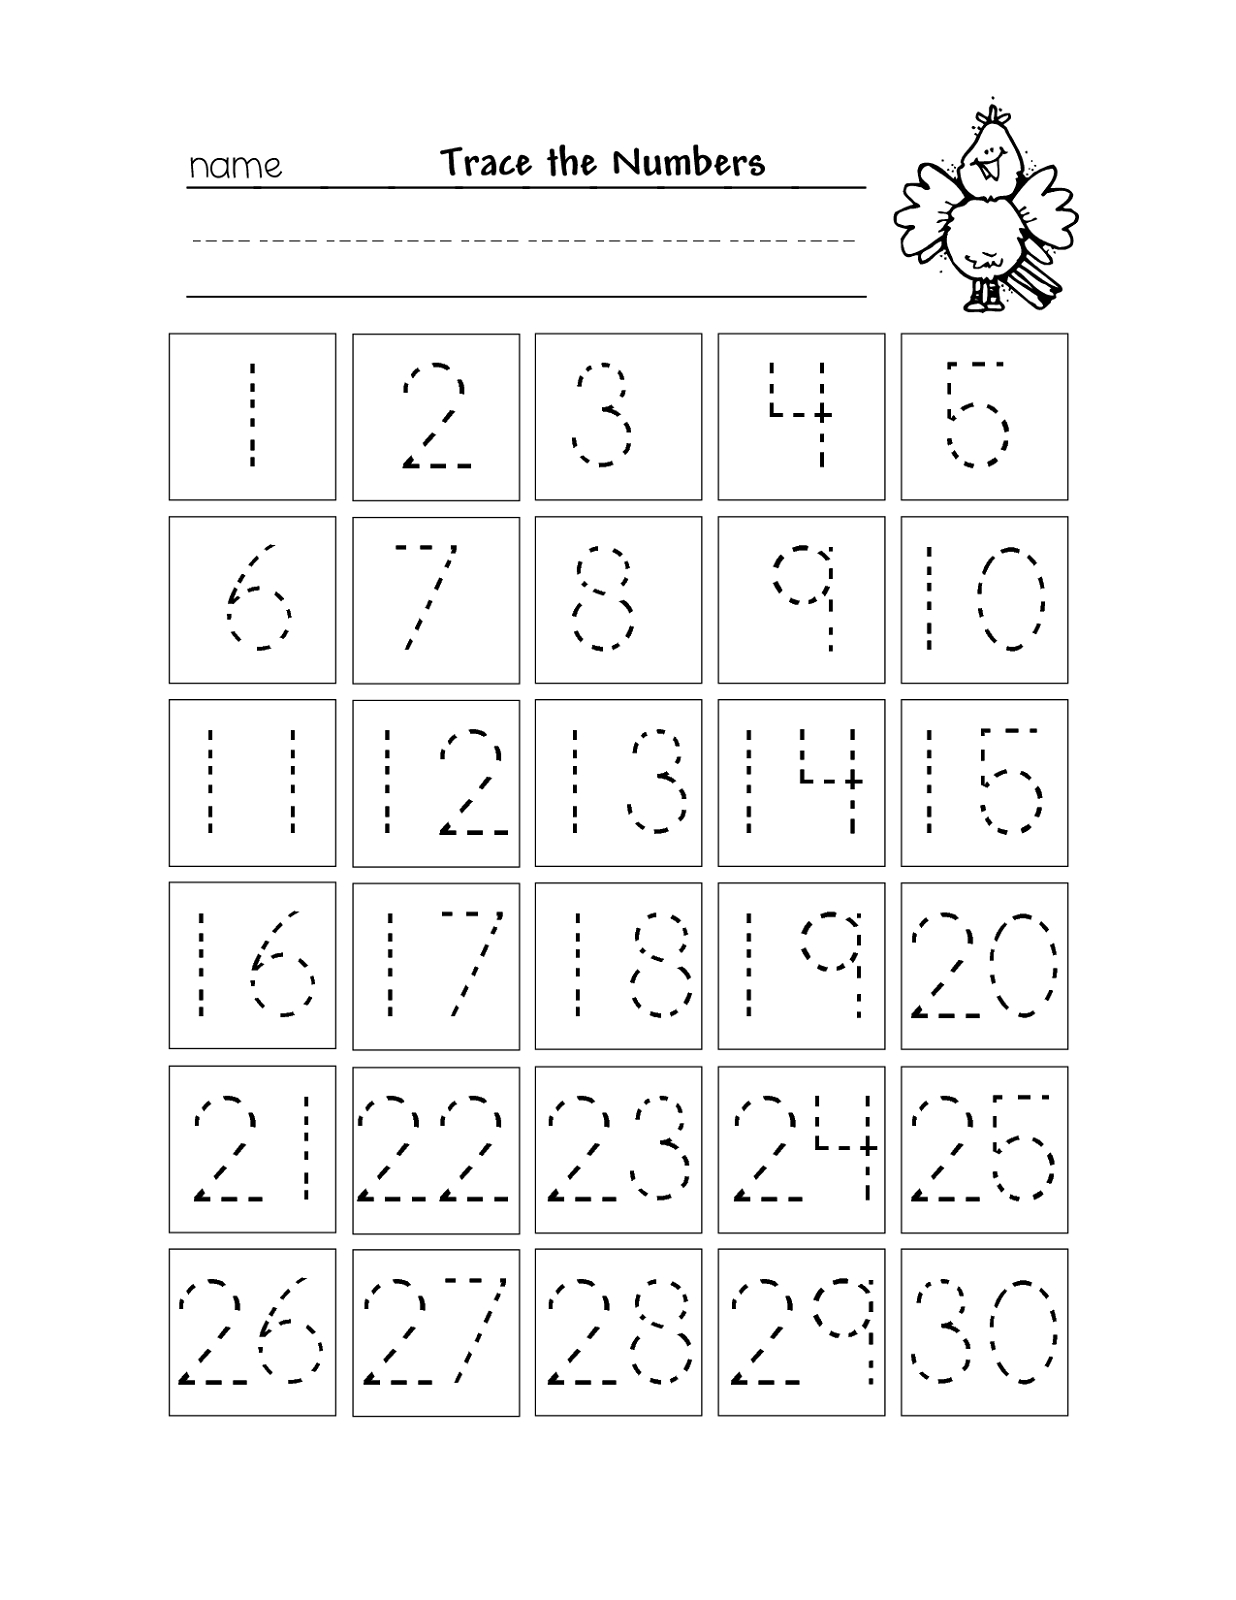 Free Printable Number Chart 1-30 | Kinder | Numbers Preschool - Free Printable Numbers